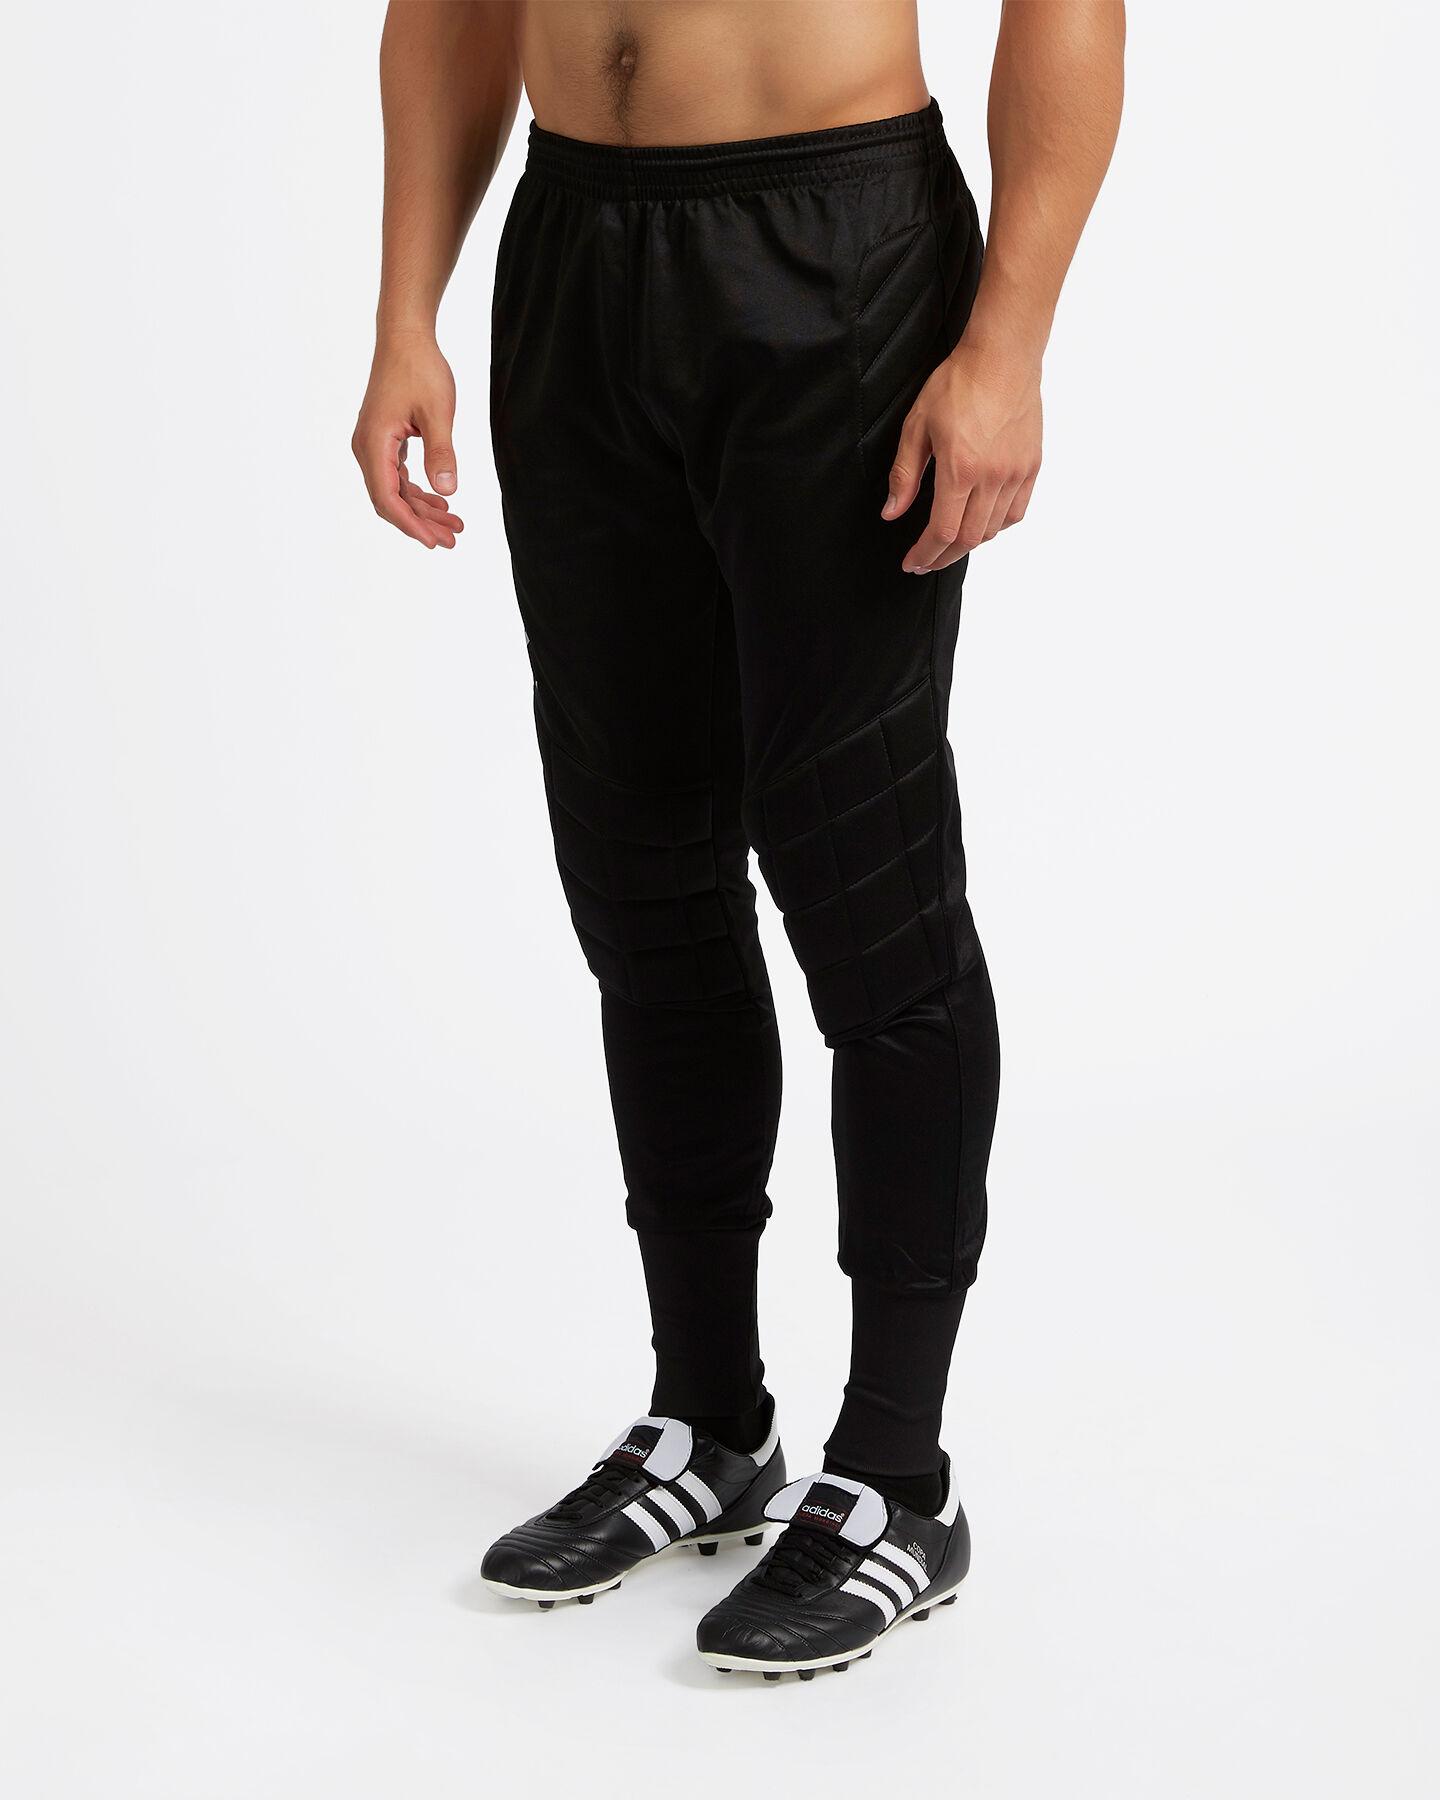 Pantaloncini calcio PRO TOUCH PORTIERE SR M S1282292 scatto 2